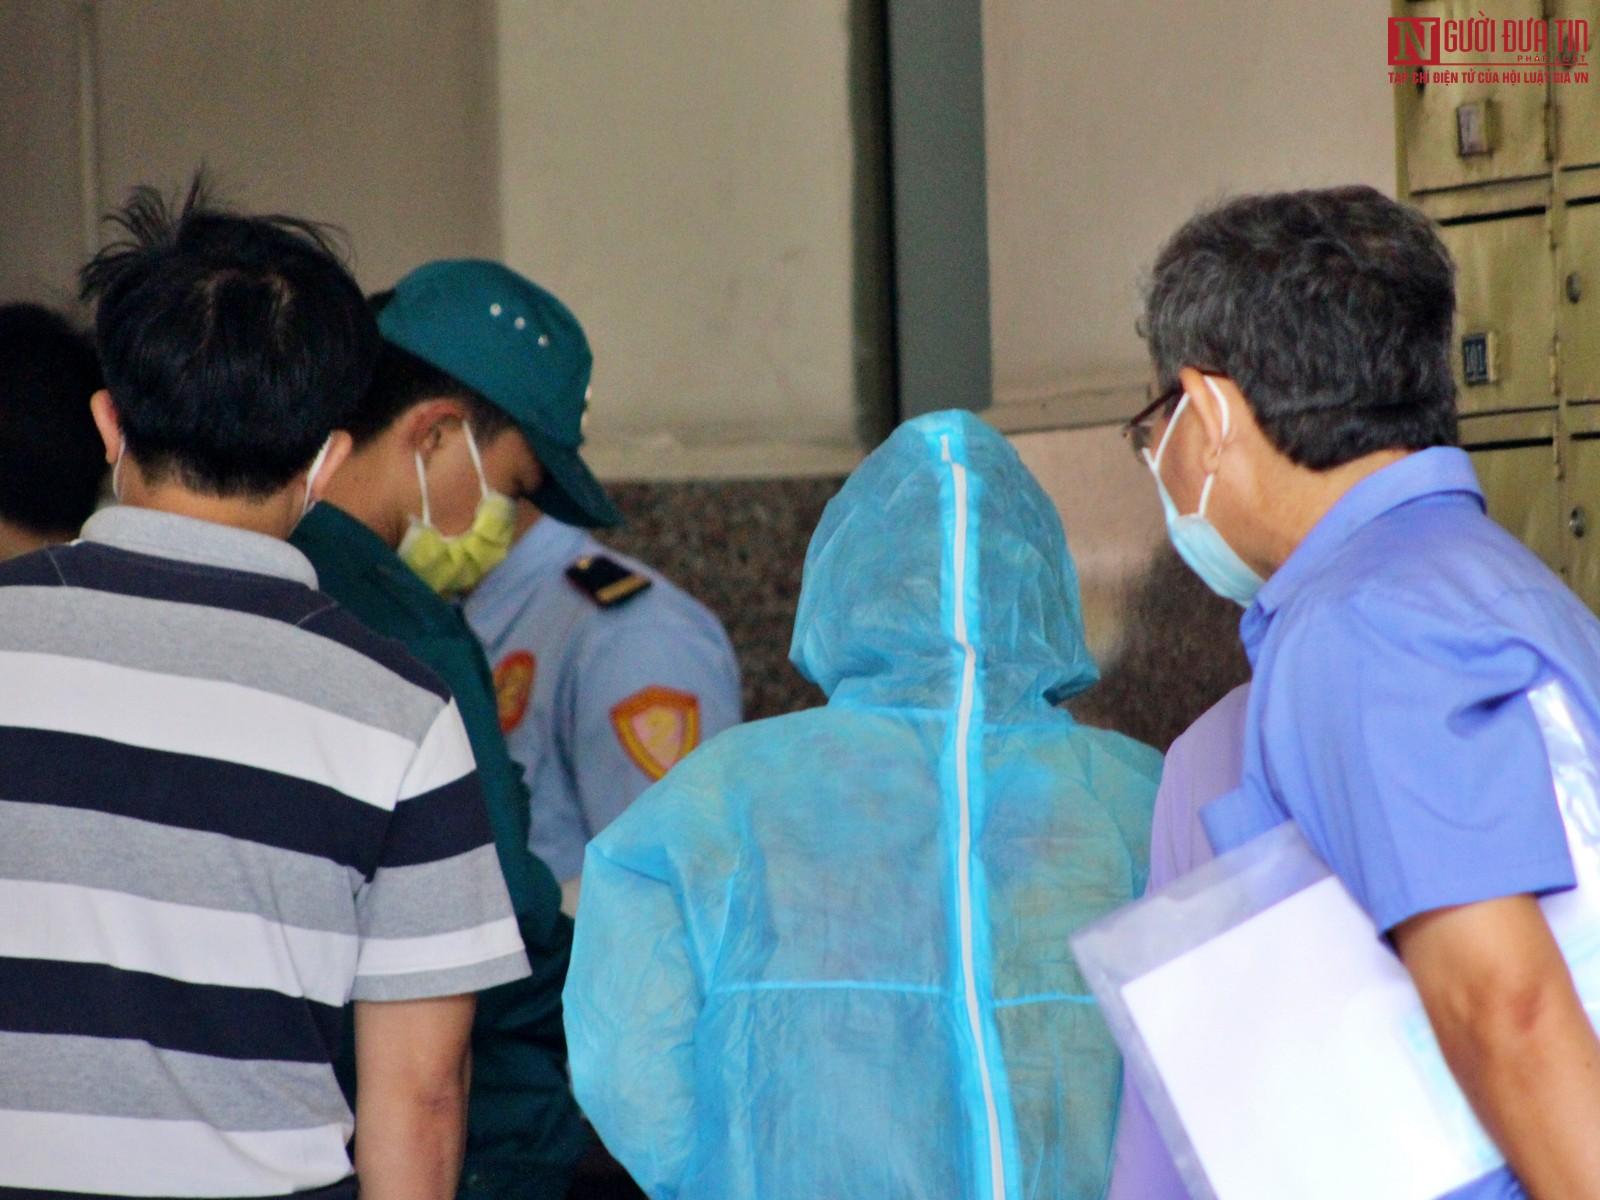 TP.HCM: Xét nghiệm hơn 300 người tại chung cư vì ca nghi nhiễm Covid-19-6